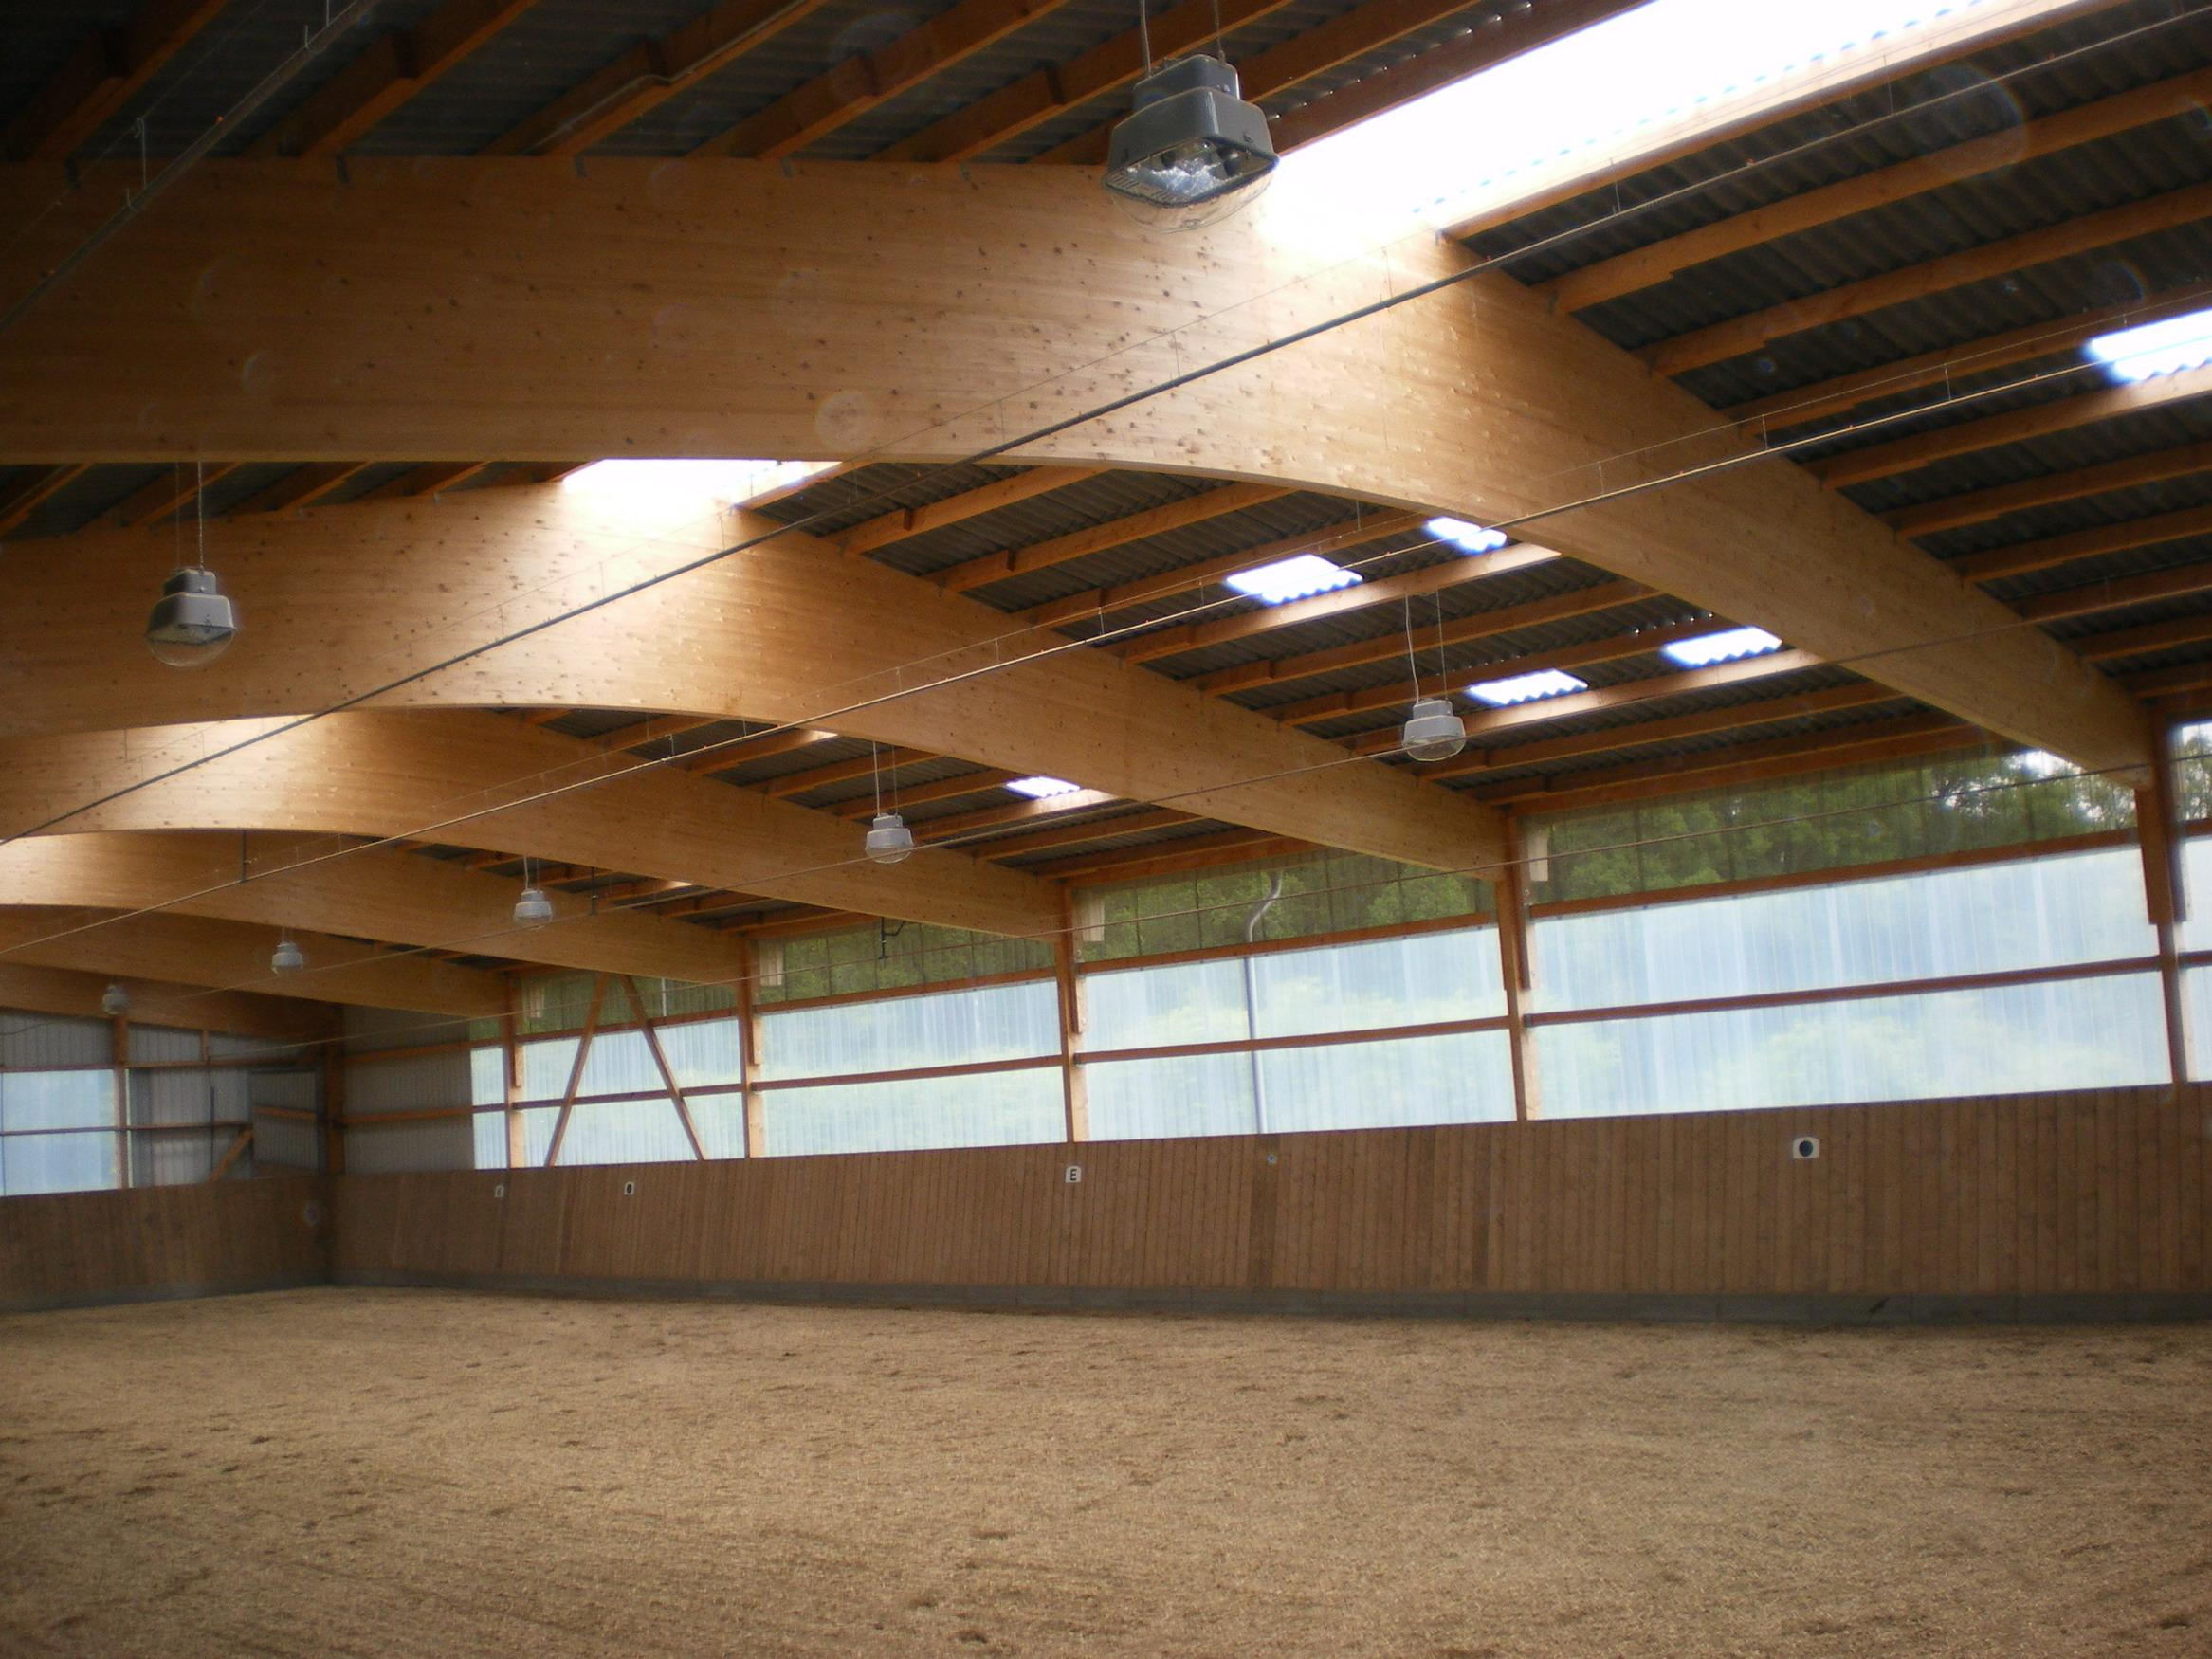 Satteldachbinder Reithalle Reitanlage Pferdestall BSH- Dachkonstruktion